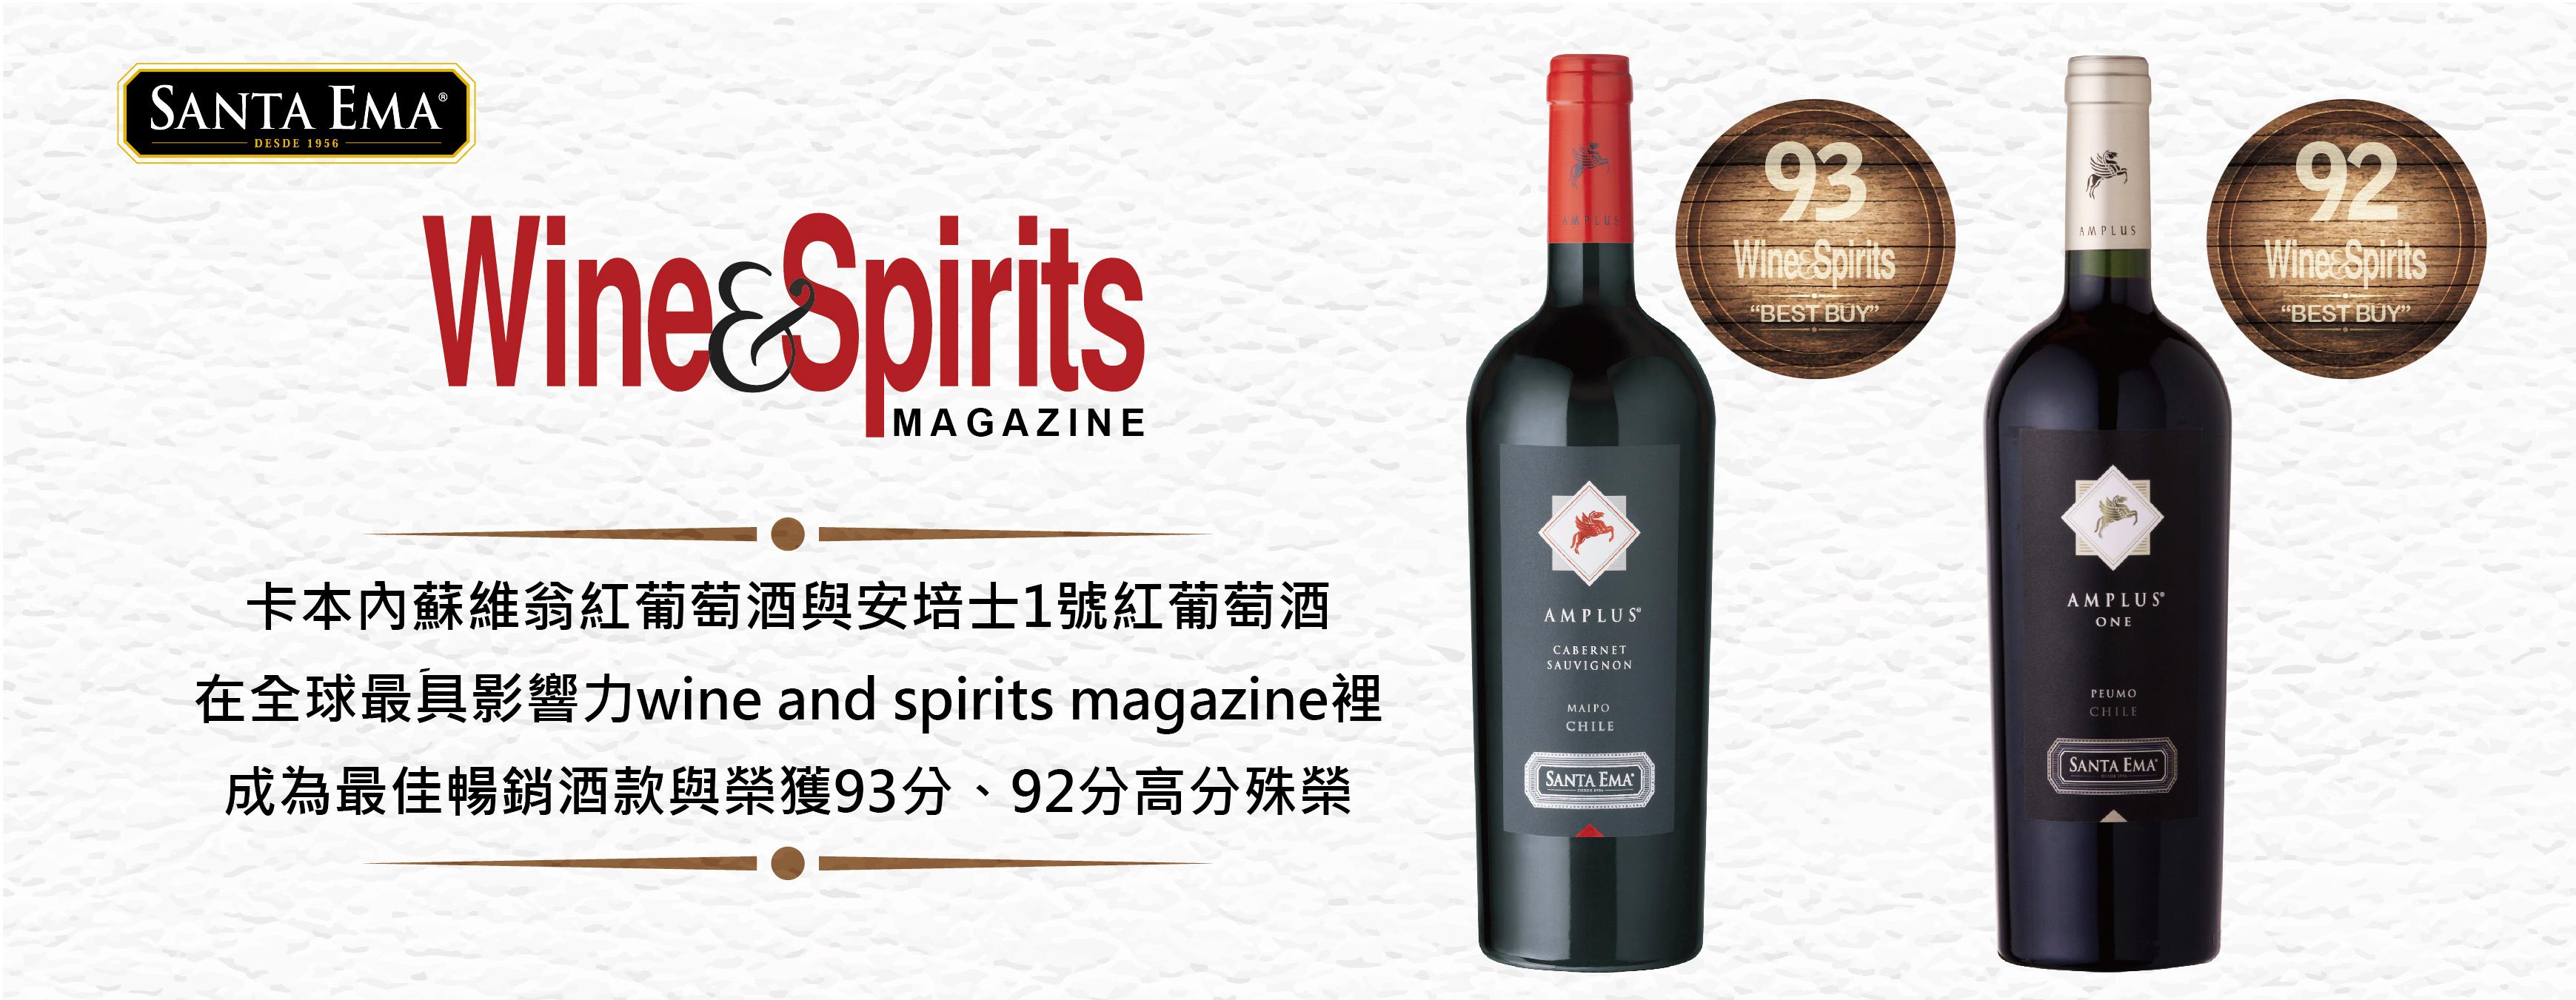 最佳暢銷酒款與榮獲93分、92分高分殊榮